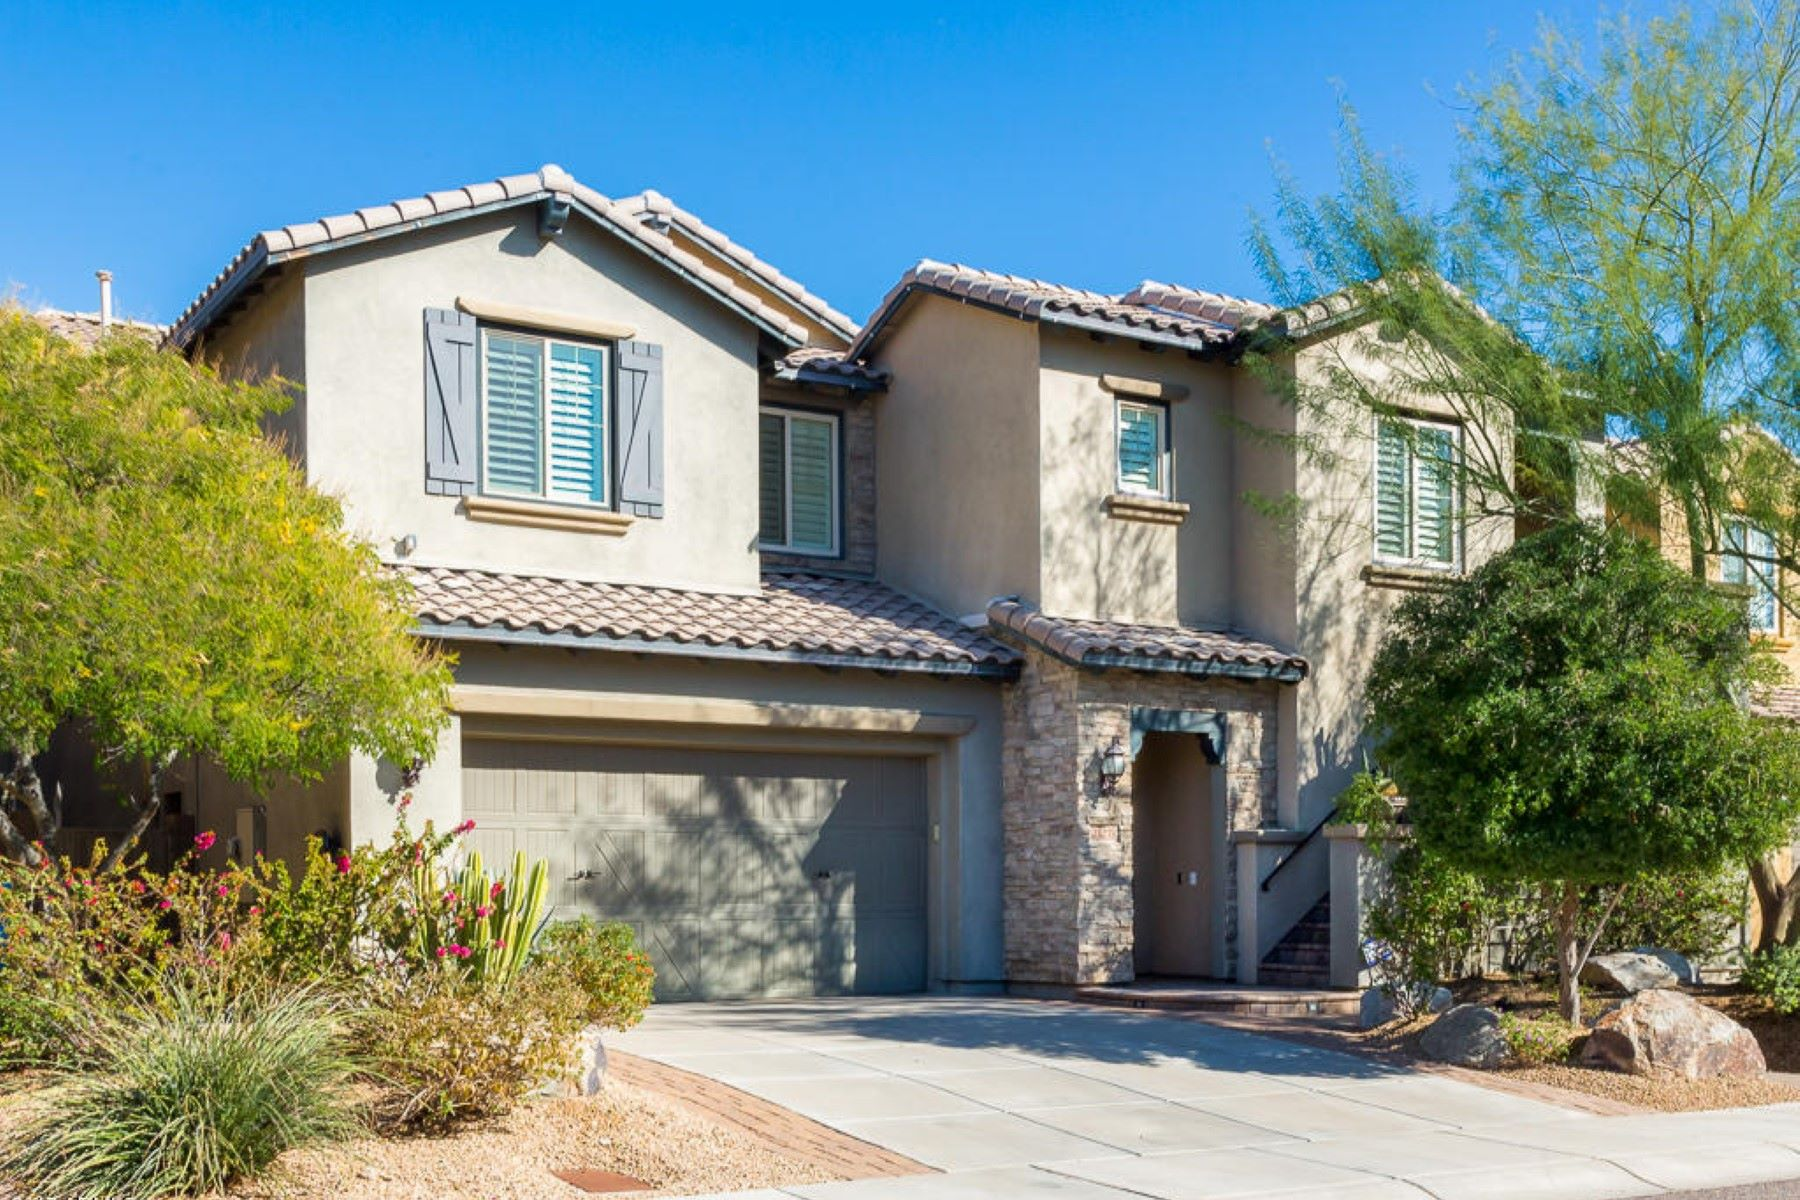 一戸建て のために 売買 アット Beautiful home in the highly desirable Desert Ridge neighborhood of Fireside 21215 N 38th Pl Phoenix, アリゾナ, 85050 アメリカ合衆国